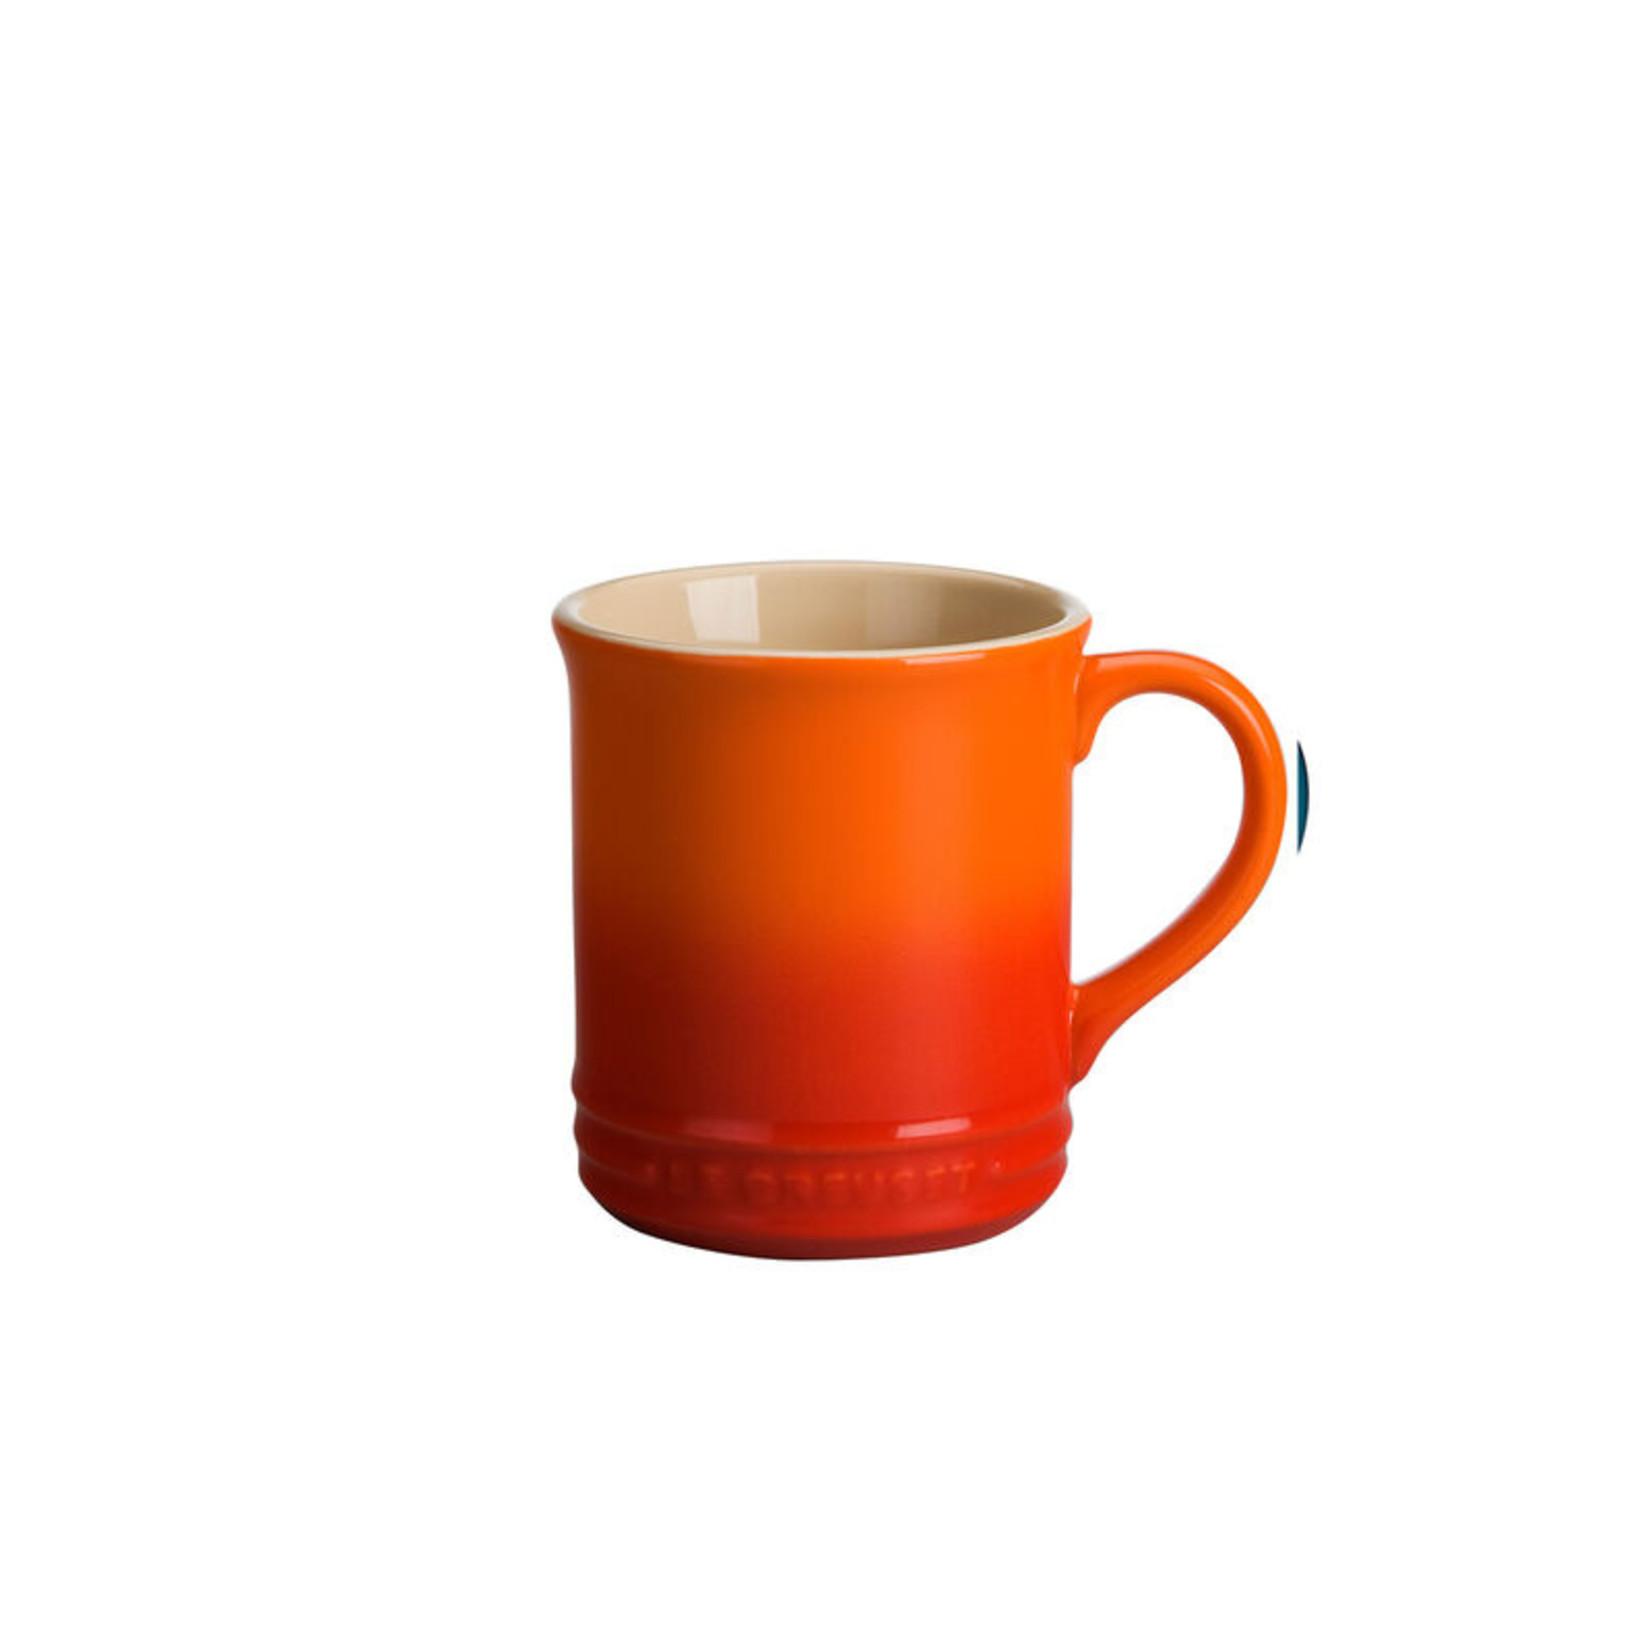 Le Creuset Classic Mug